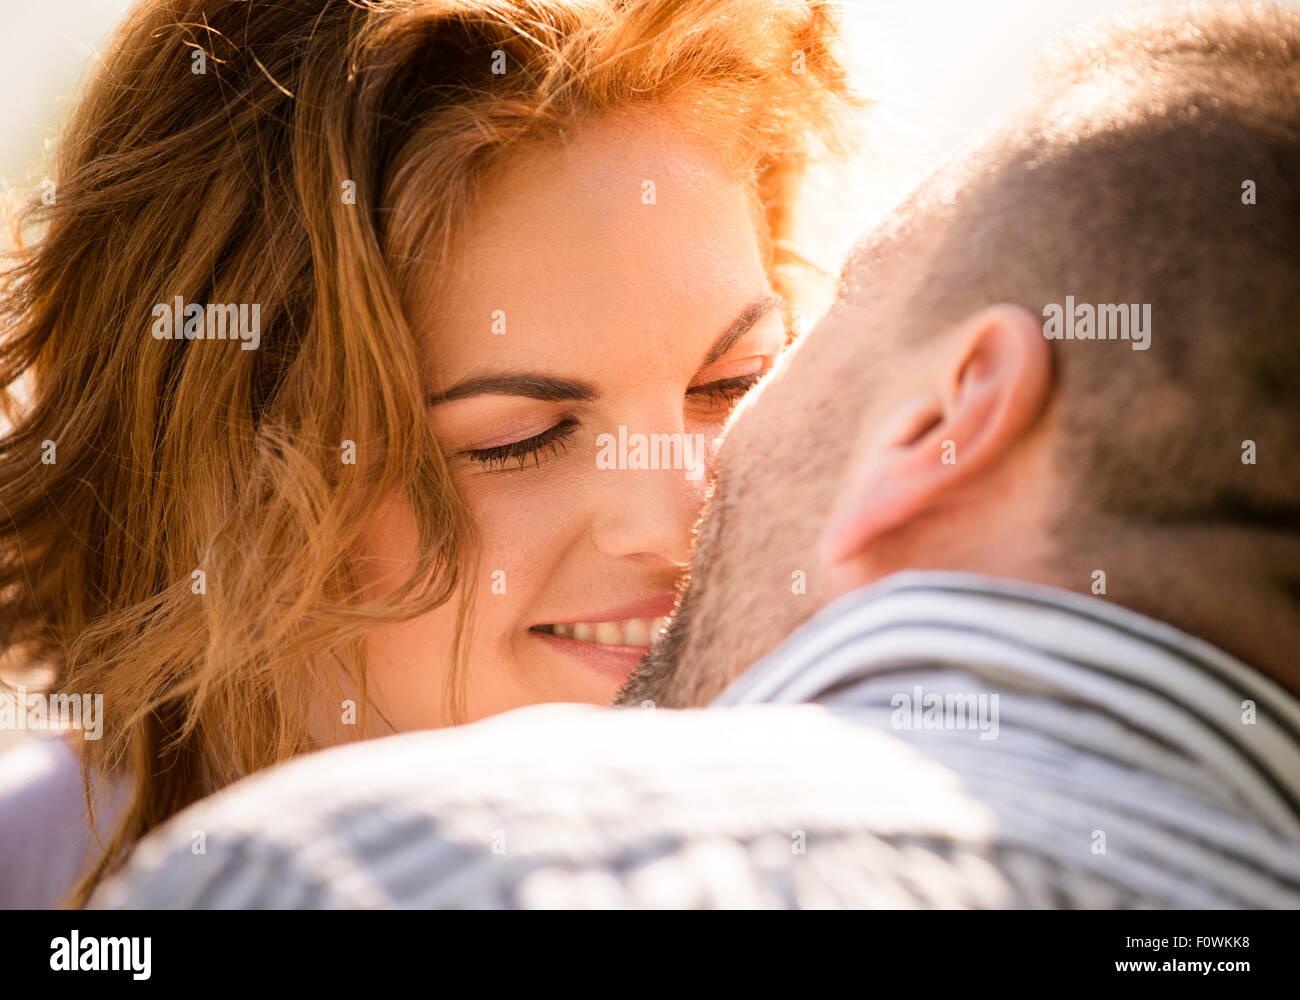 Cándido cerrar foto de hombre bese joven mujer sonriente Imagen De Stock